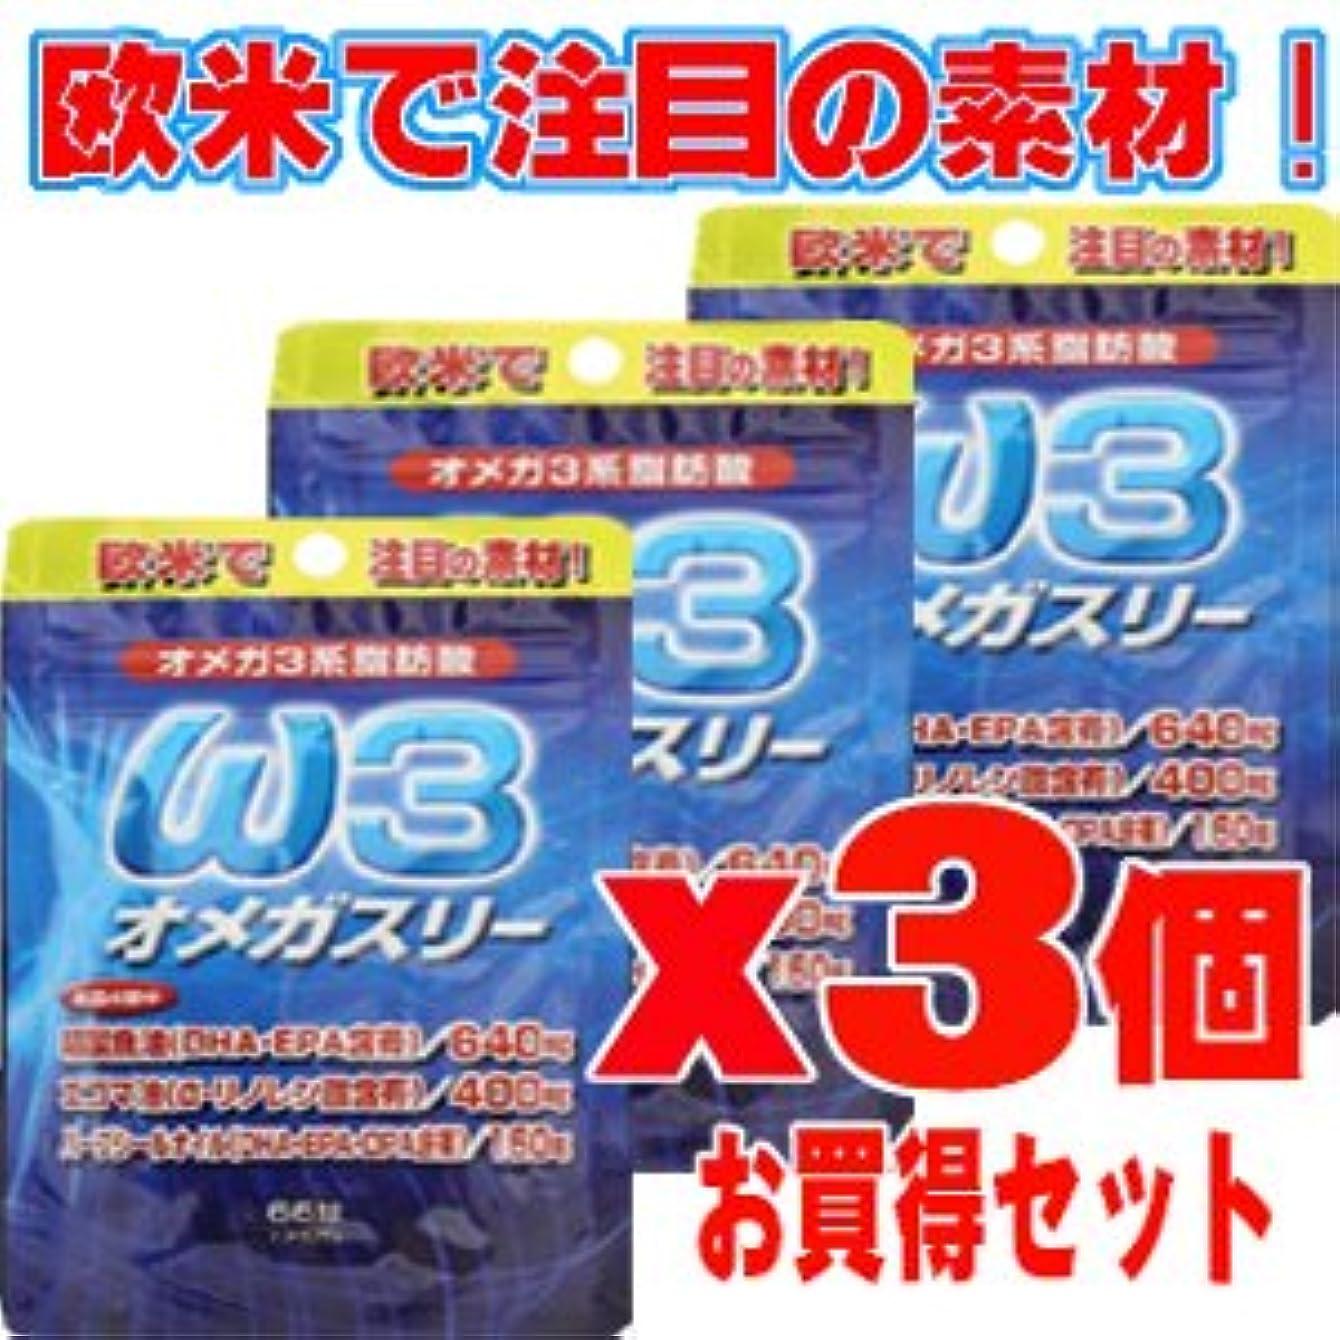 タイト食用スーパーマーケットオメガ3(スリー) 66球x3個セット (4524326201928)